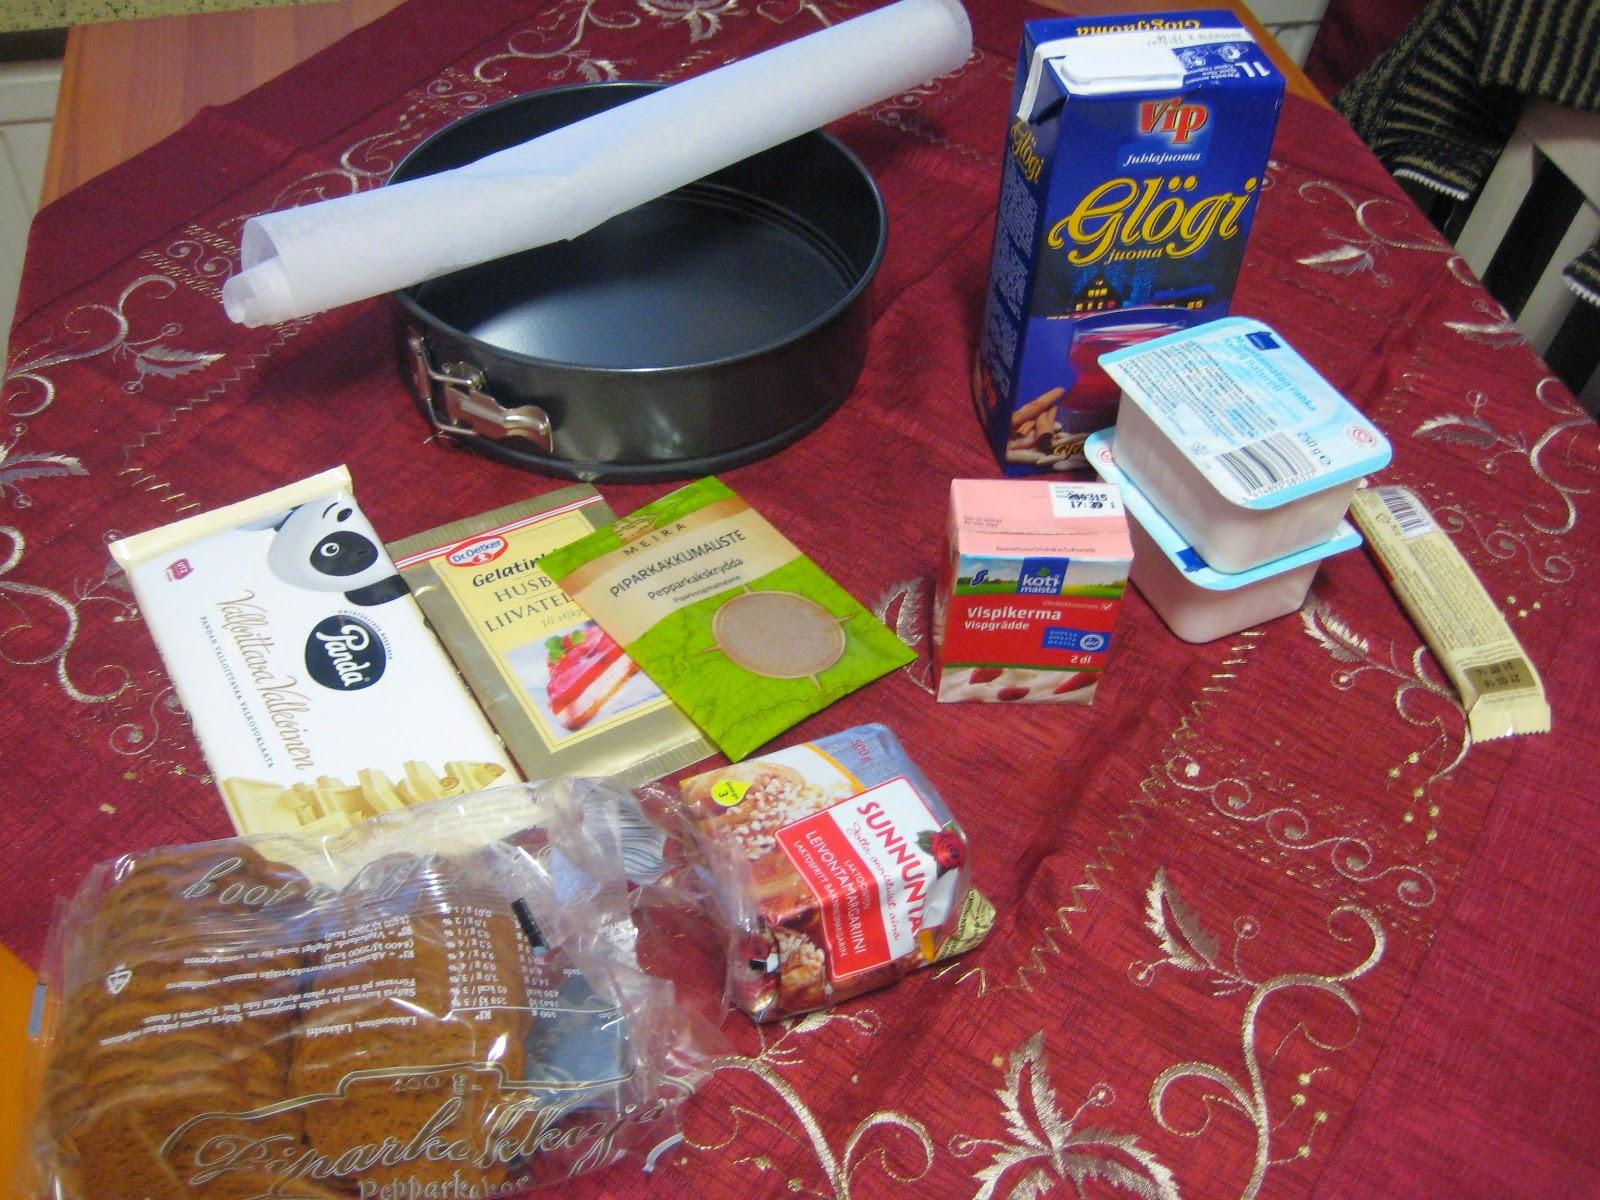 glögikakku, glögijuustokakku, juustokakku, glögi, mulled wine cake, mulled wine cheesecake, valkosuklaa, white chocolate, jälkiruoka, jouluherkku, dessert,